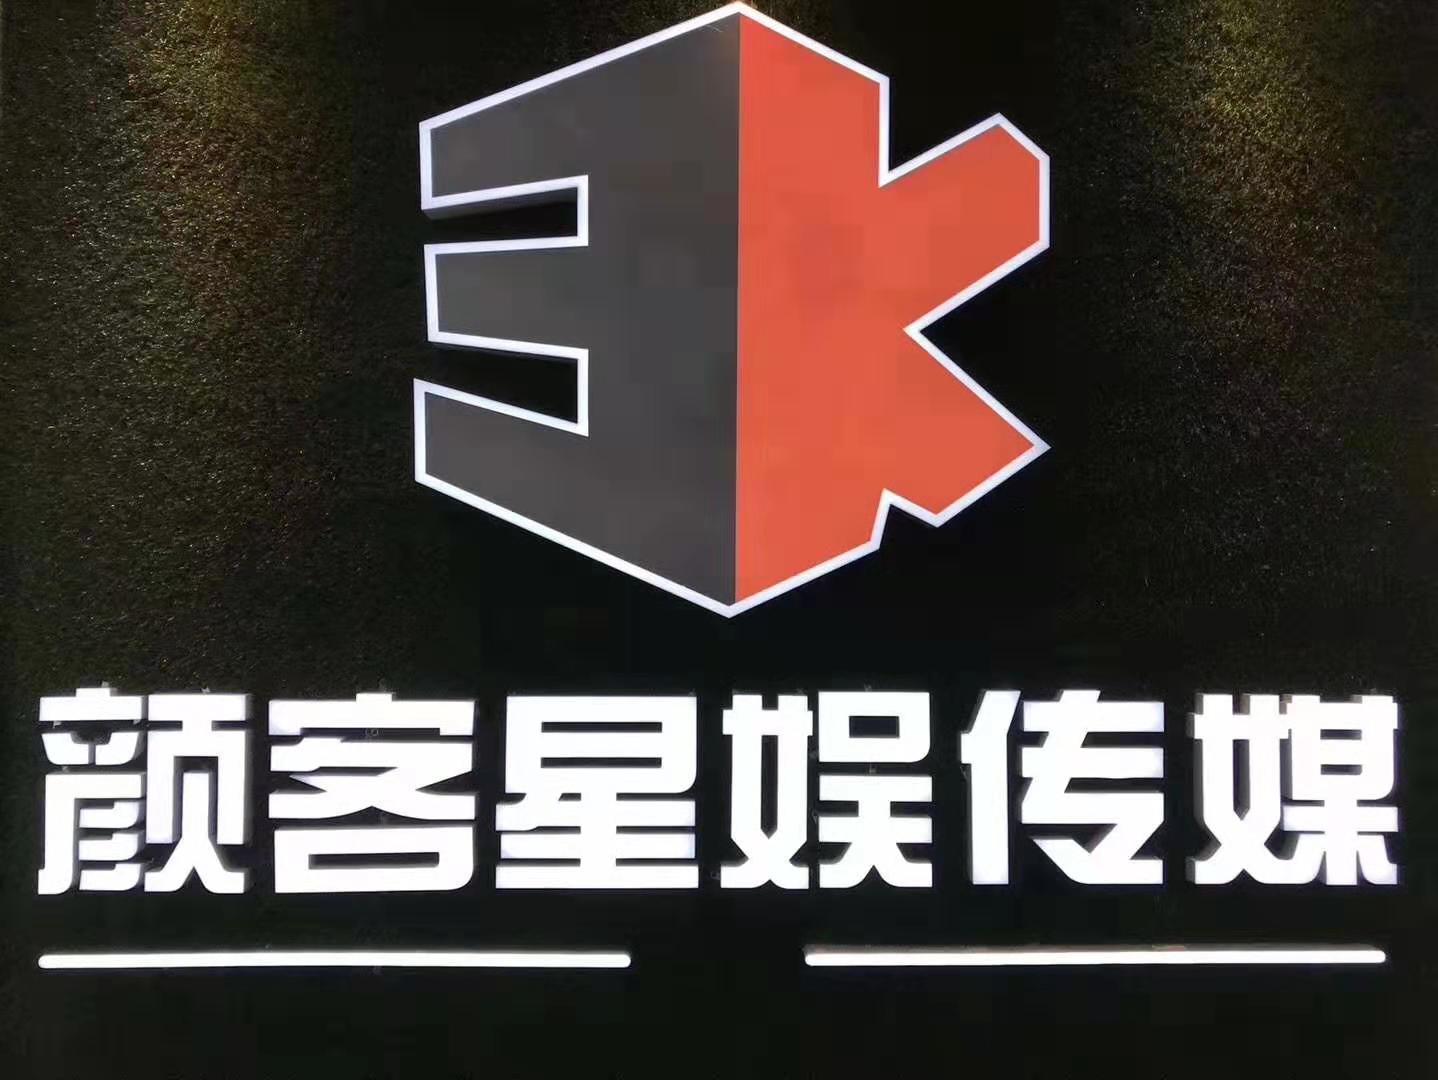 中山市颜客星娱文化传媒有限公司